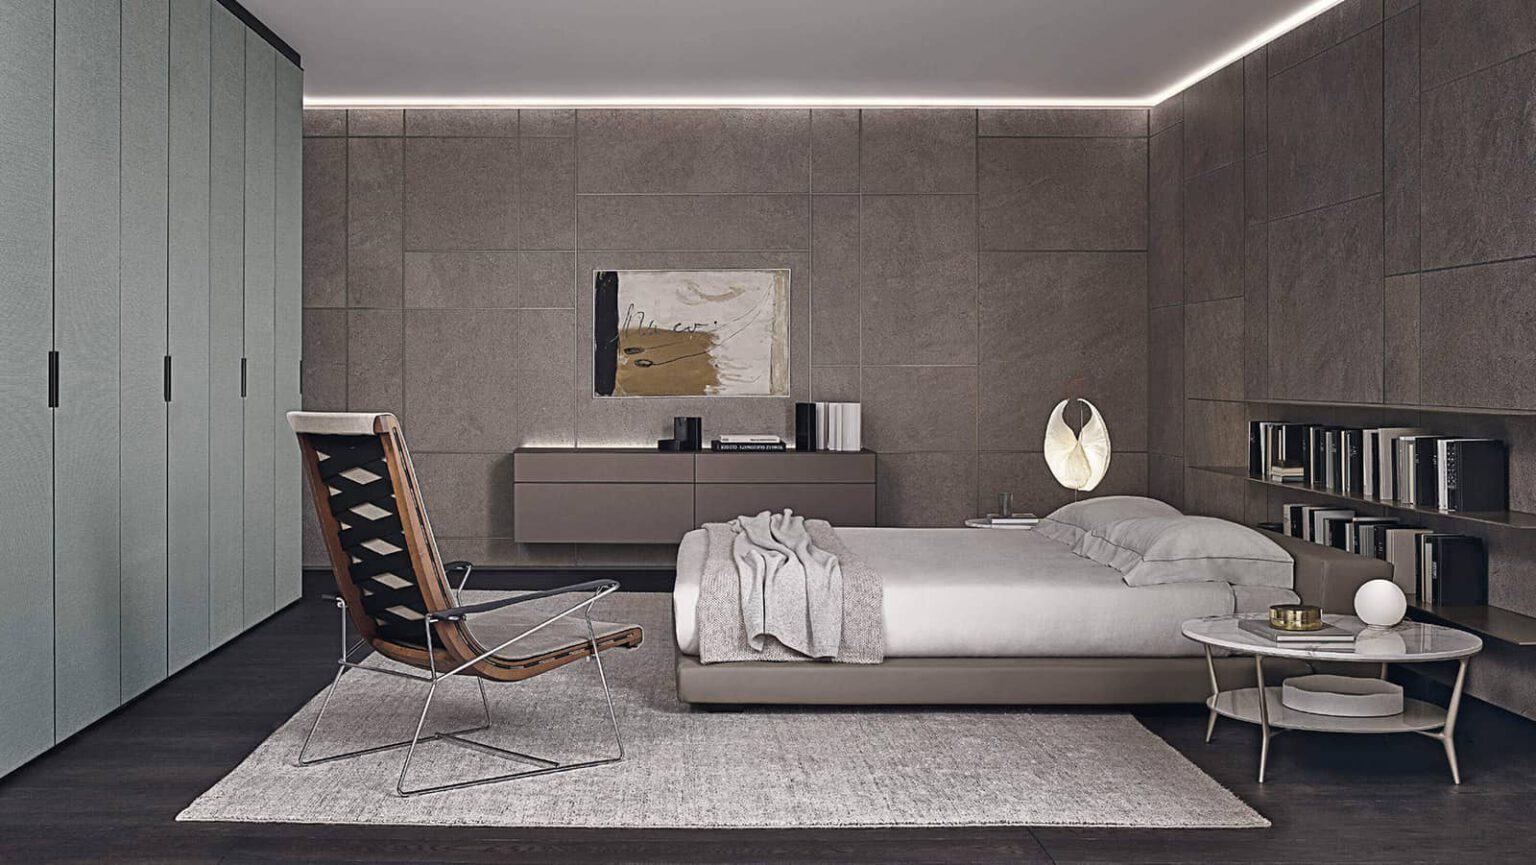 luxe slaapkamer design met gres keramiek wandpanelen en textiel garderobekasten